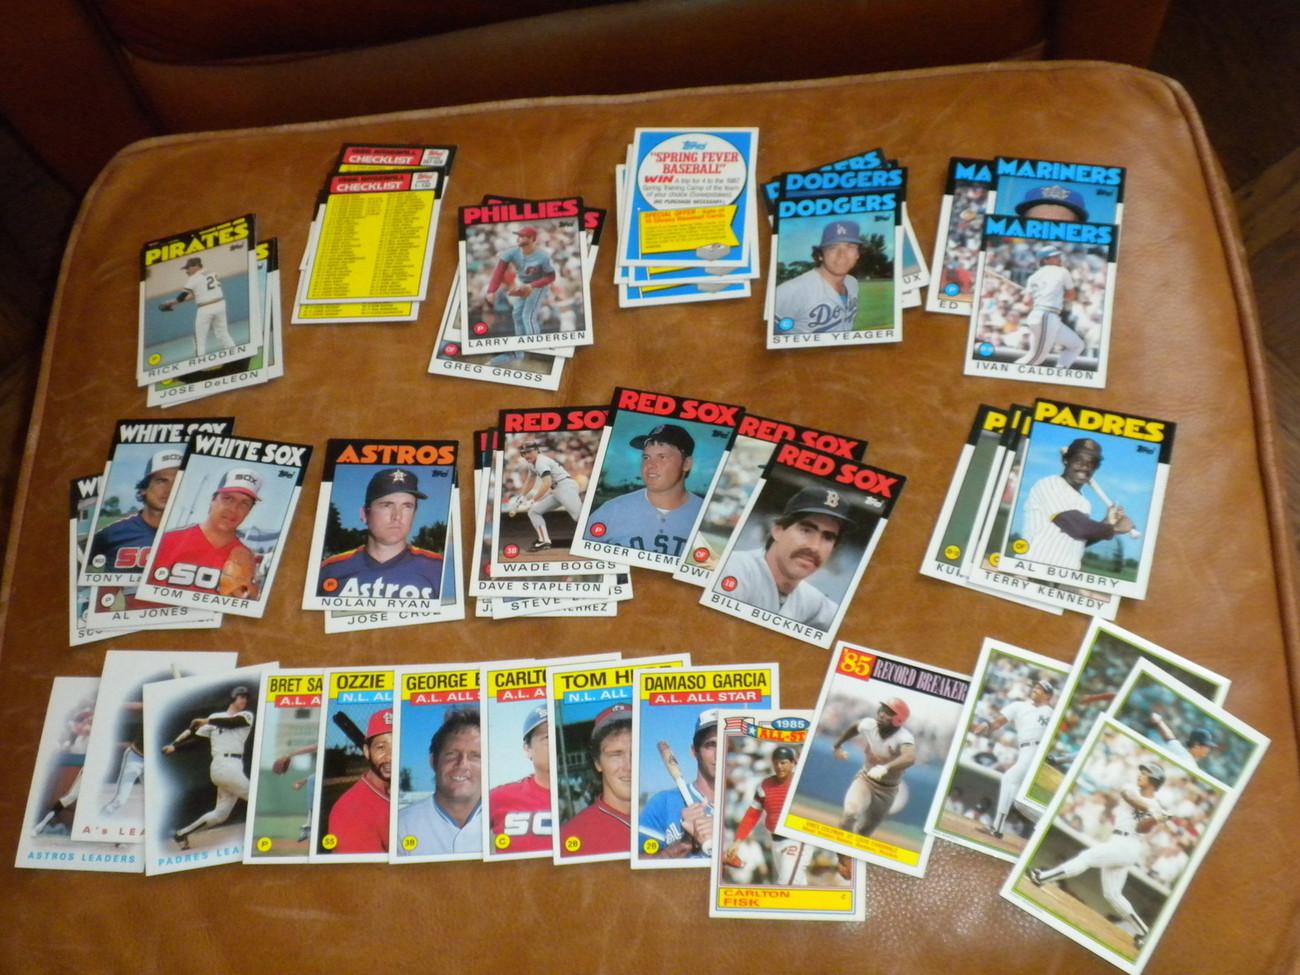 Lot of 129 TOPPS Baseball cards 1986 Ryan, Clemens, Buckner, Seaver, Fisk, butlr